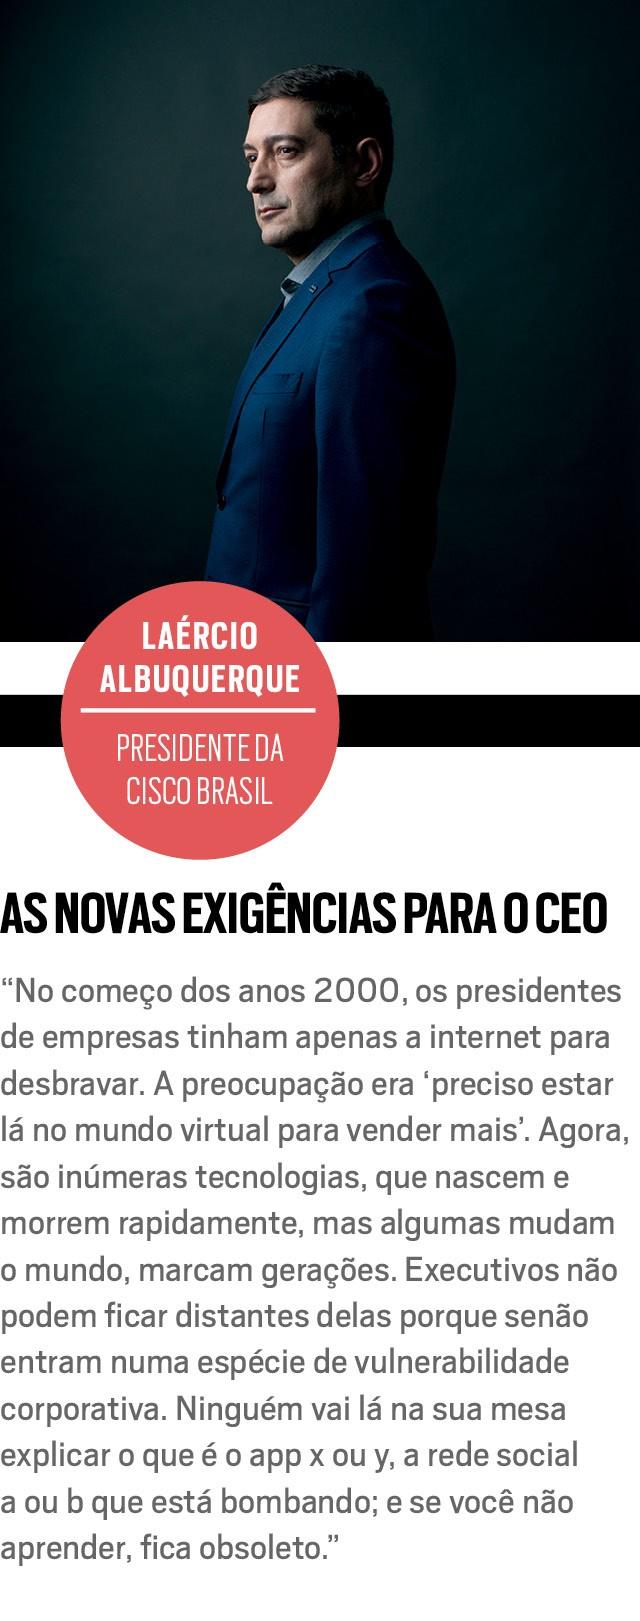 LAÉRCIO ALBUQUERQUE, presidente da Cisco Brasil (Foto: Marcus Steinmeyer)